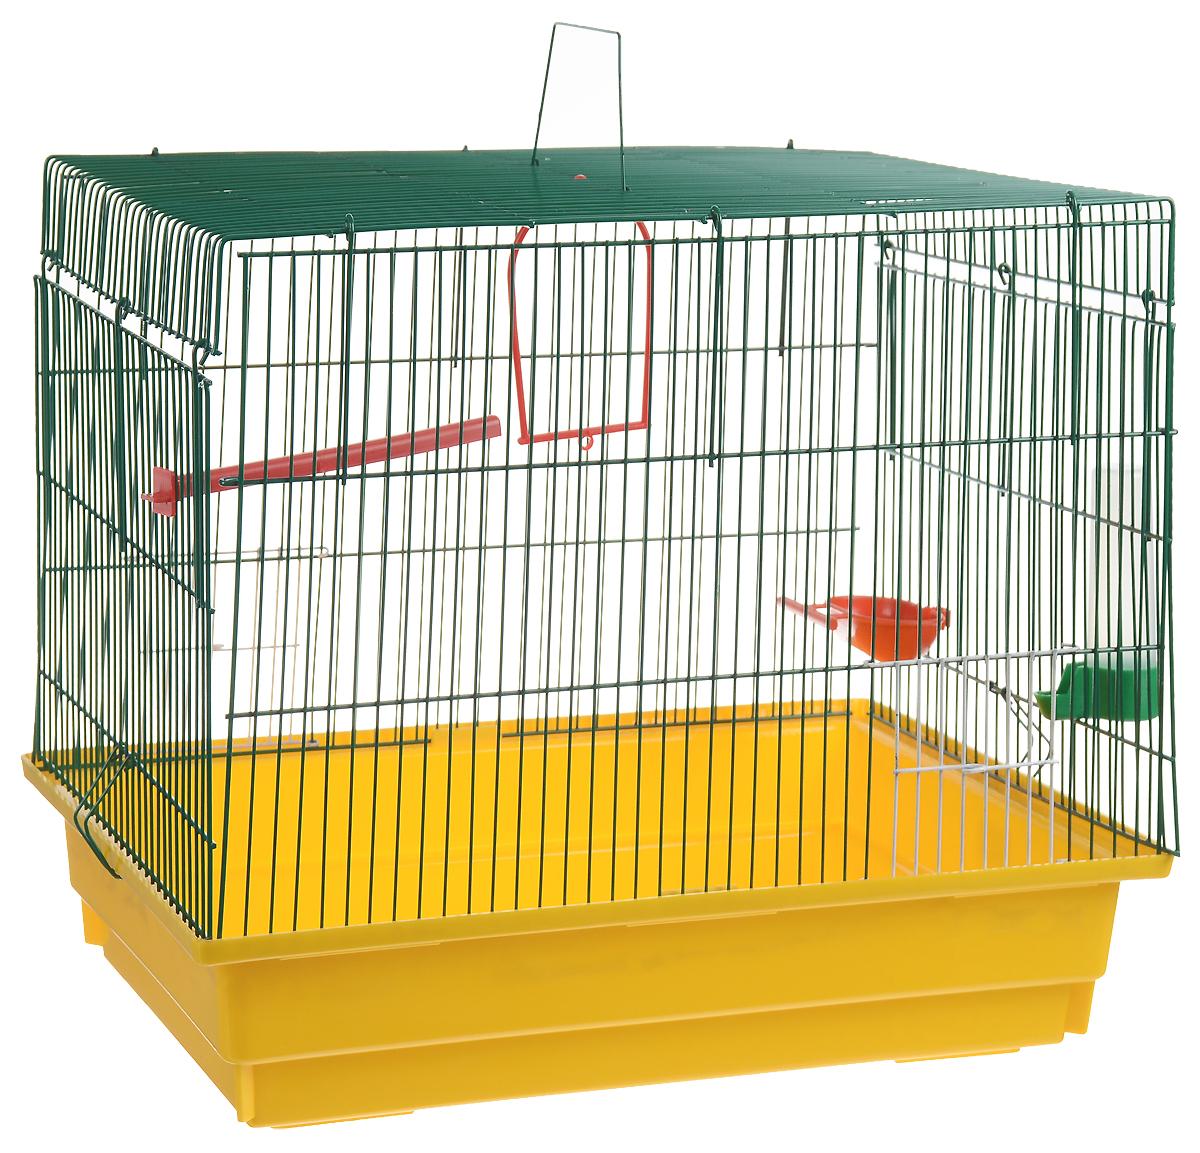 Клетка для птиц ЗооМарк, цвет: желтый поддон, зеленая решетка, 50 х 31 х 41 см470_желтый, зеленыйКлетка ЗооМарк, выполненная из полипропилена и металла с эмалированным покрытием, предназначена для птиц. Изделие состоит из большого поддона и решетки. Клетка снабжена металлической дверцей. Она удобна в использовании и легко чистится. Клетка оснащена жердочкой, кольцом для птицы, поилкой, кормушкой и подвижной ручкой для удобной переноски. Комплектация: - клетка с поддоном, - поилка; - кормушка; - кольцо.